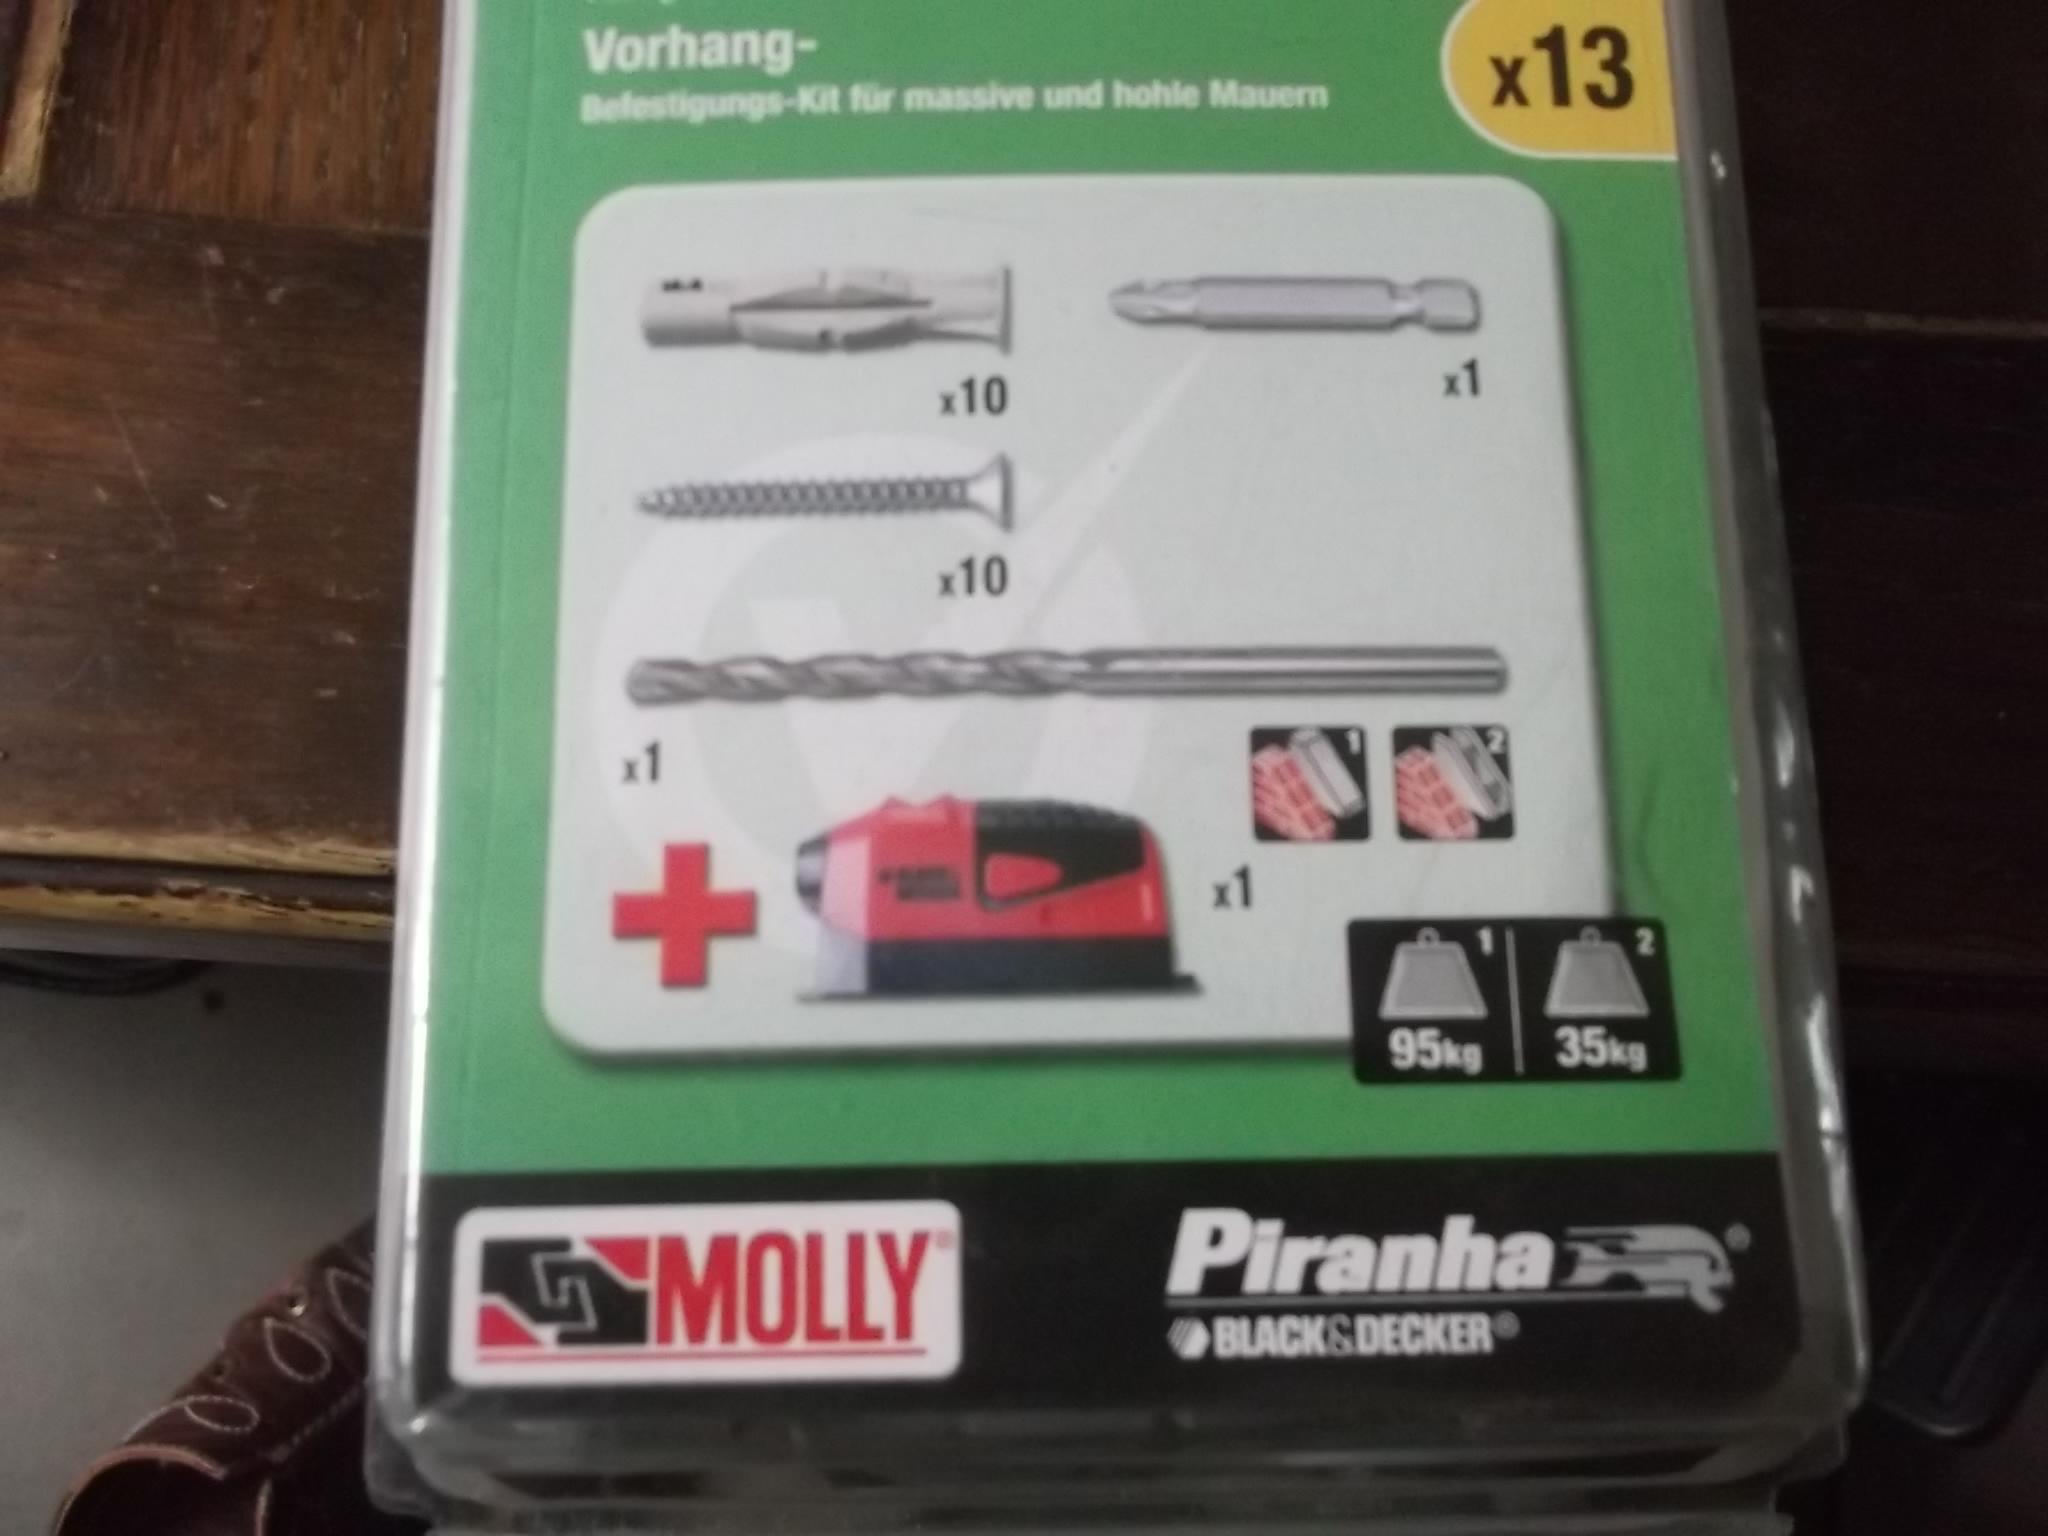 Kit de fixation rideau Molly avec niveau laser Black & Decker